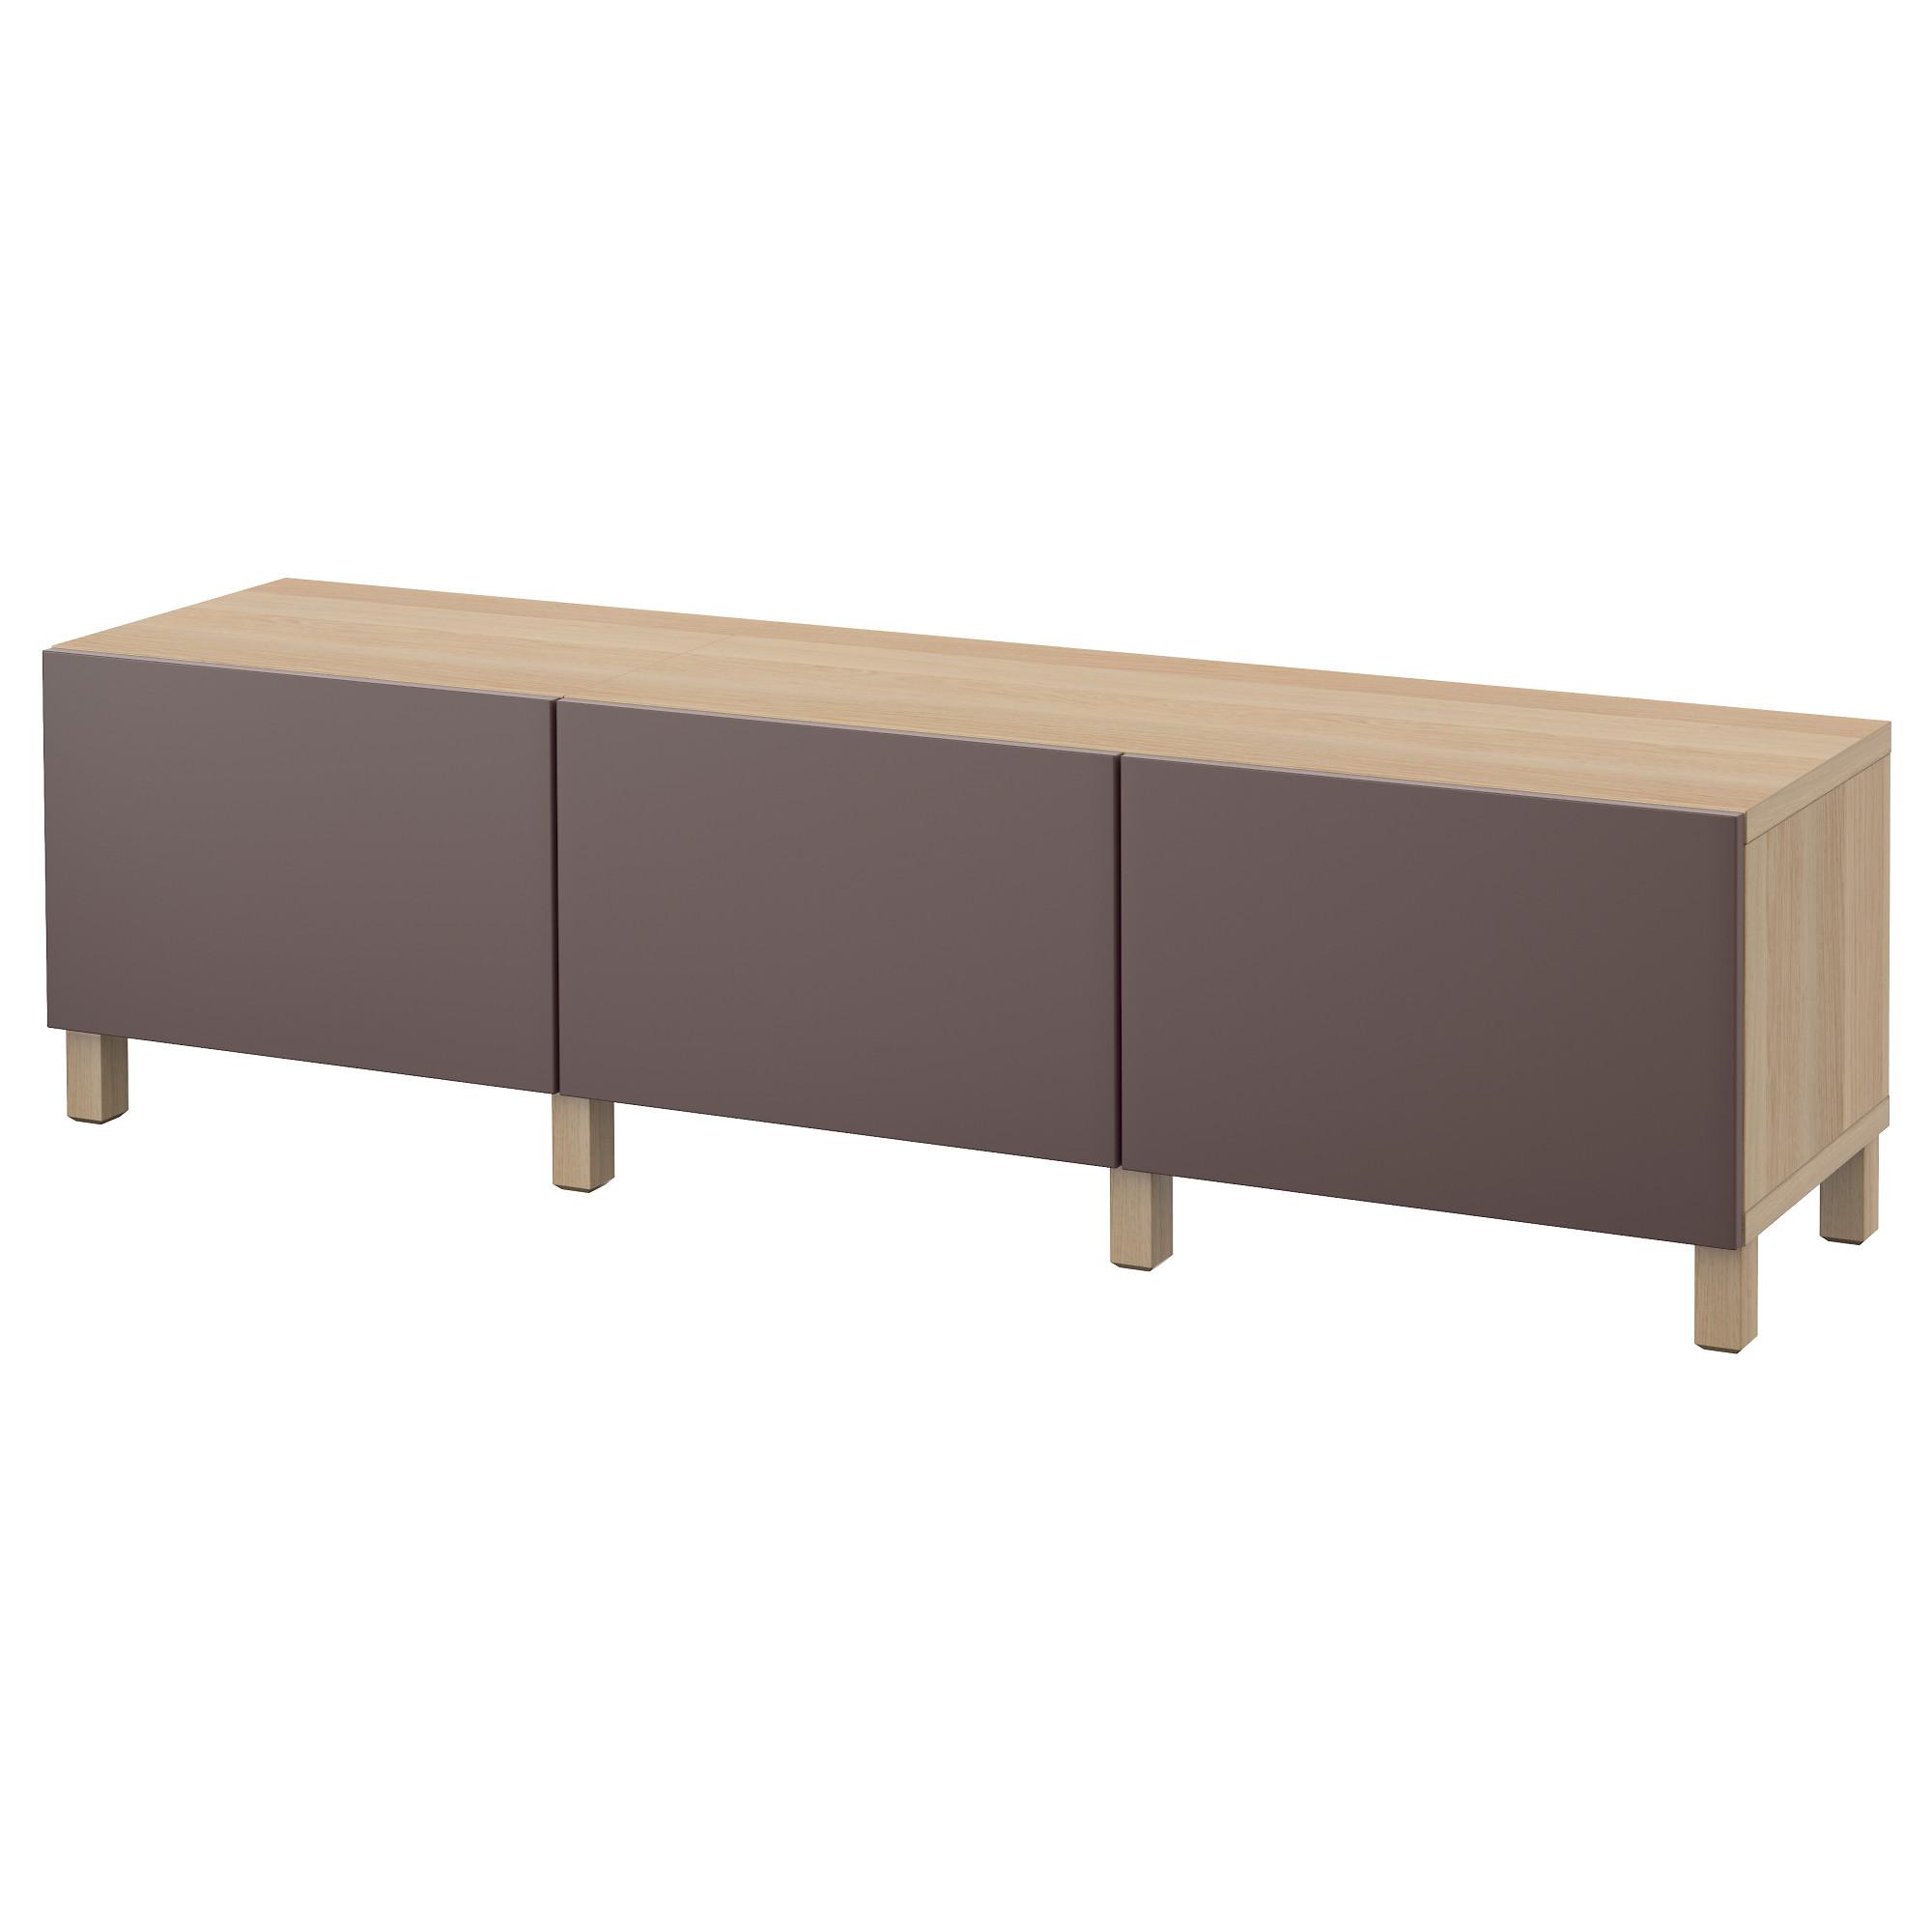 Комбинация для хранения с ящиками БЕСТО темно-коричневый артикуль № 691.365.48 в наличии. Интернет каталог IKEA РБ. Недорогая доставка и соборка.